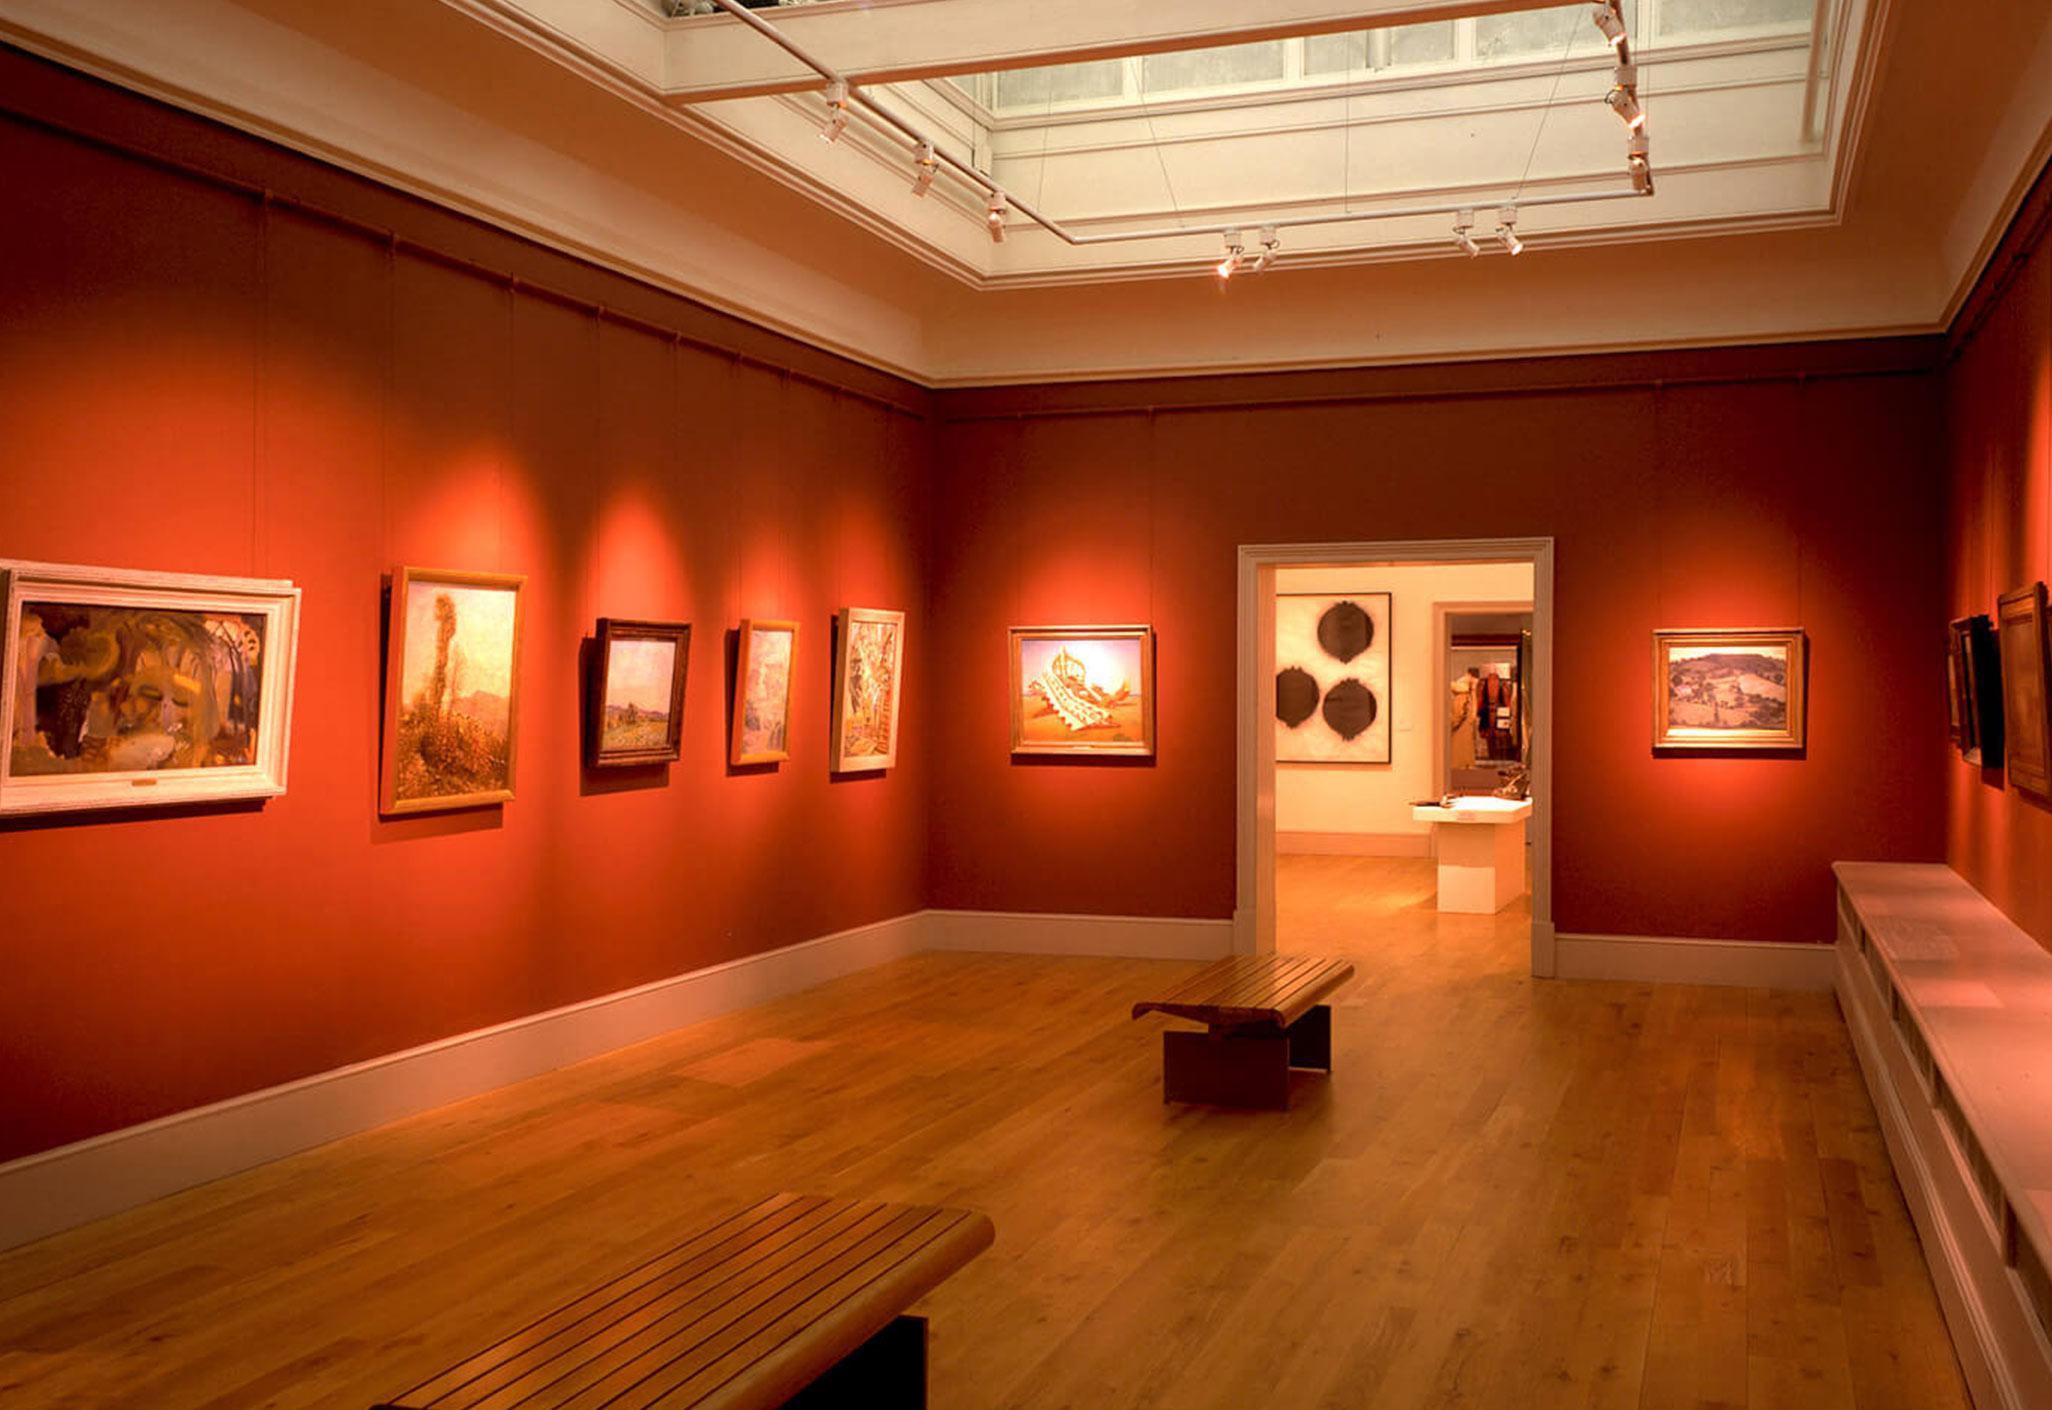 Brighton Dome Art Gallery